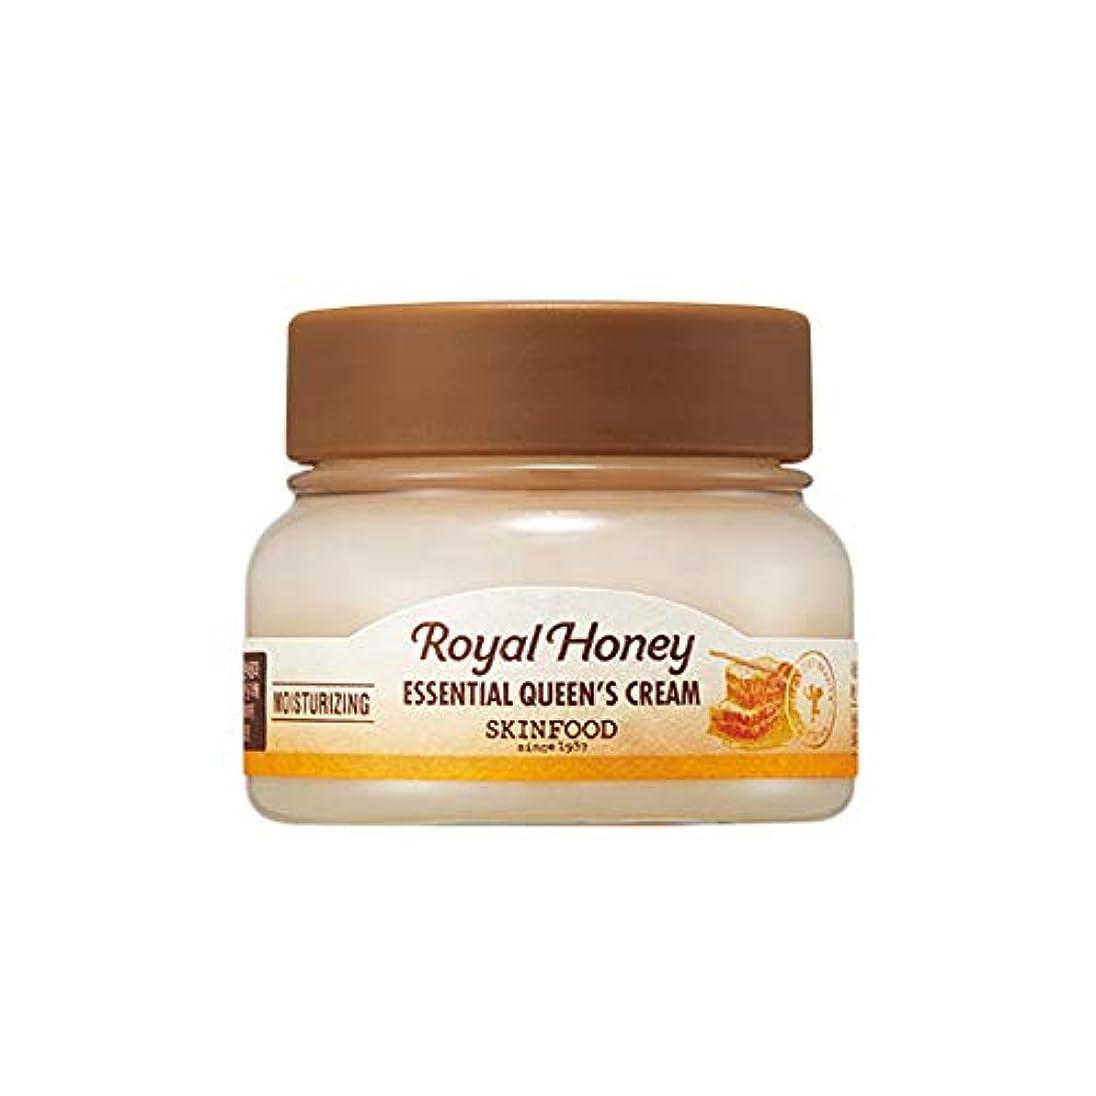 ロール通知する興奮するSkinfood ロイヤルハニーエッセンシャルクイーンクリーム/Royal Honey Essential Queen's Cream 62ml [並行輸入品]